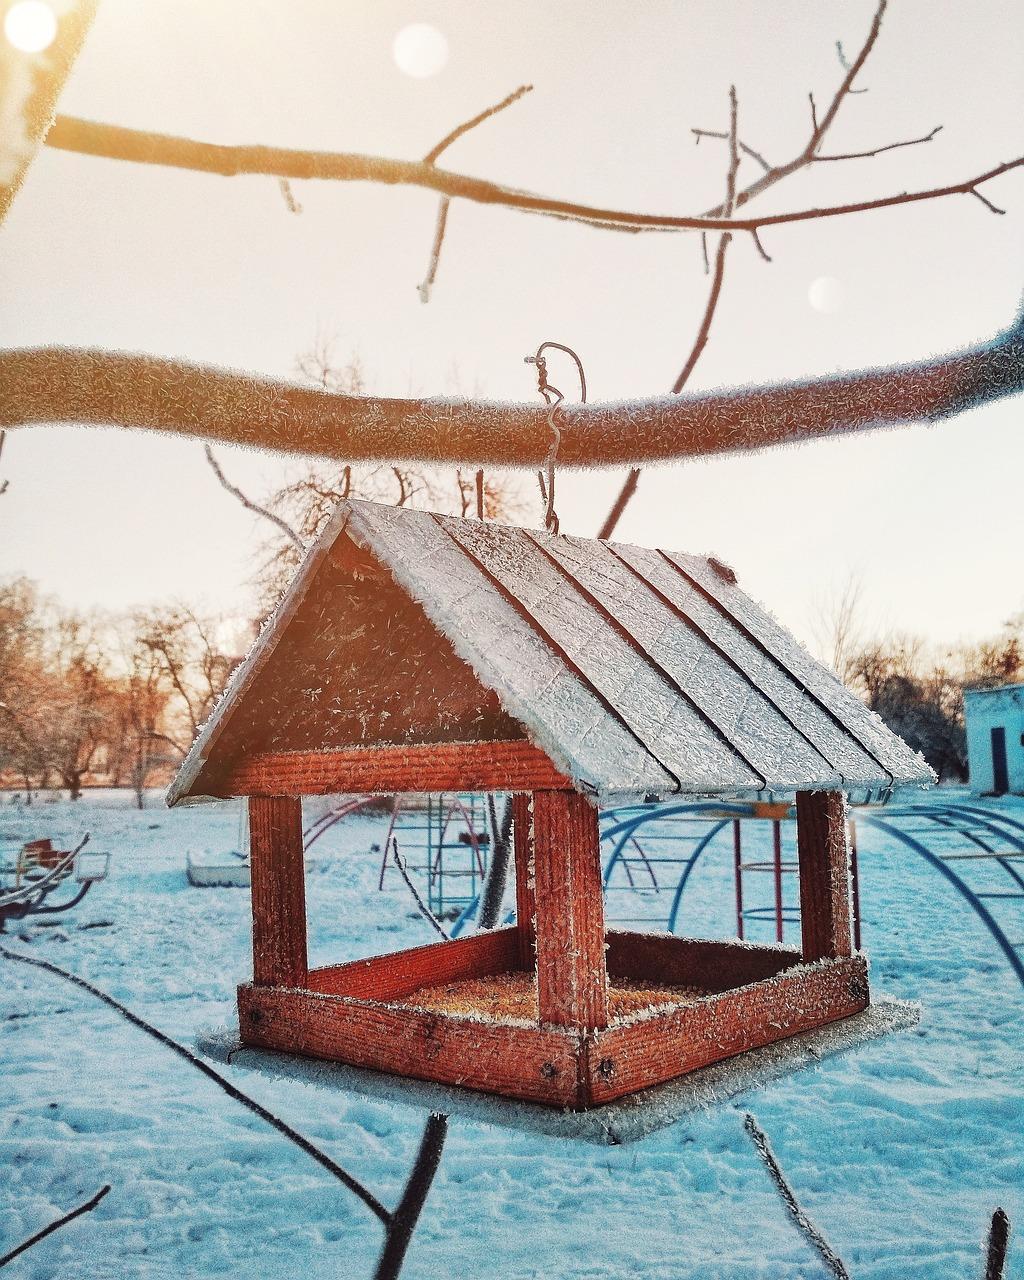 так картинки кормушек зимних кормушек для птиц этой статье